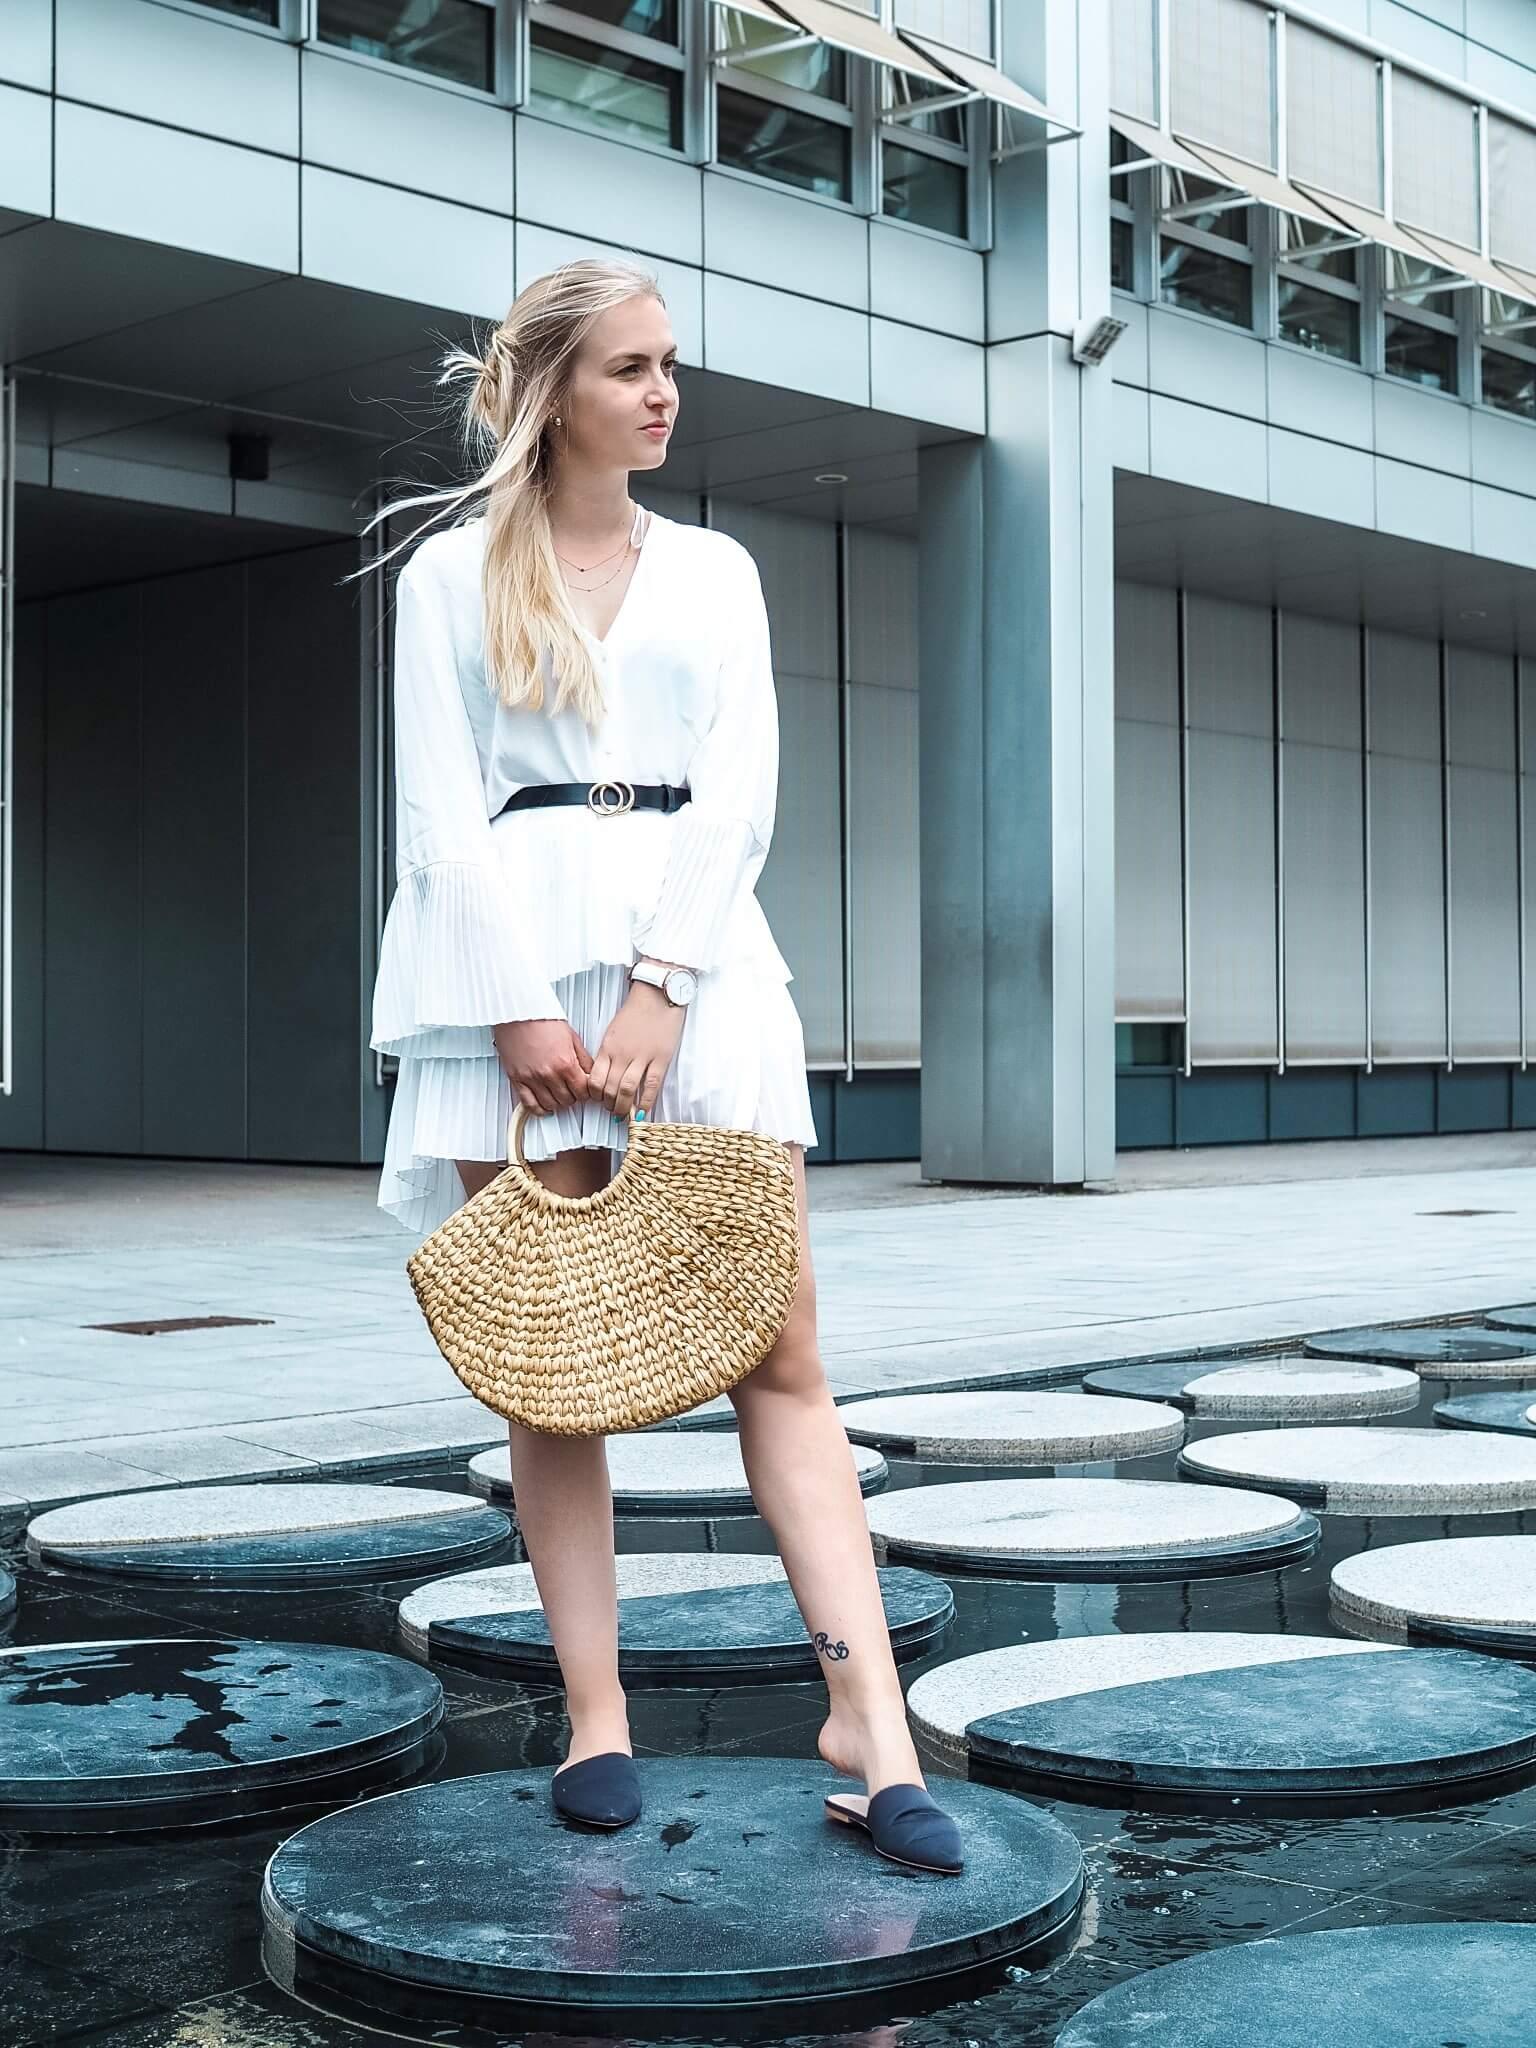 Fashionblog Modeblog Korbtasche Korbtaschen Basttaschen Tasche Kleid Krebs Sternzeichen Wasser München Sommerkleid ootd Urlaub Frühling